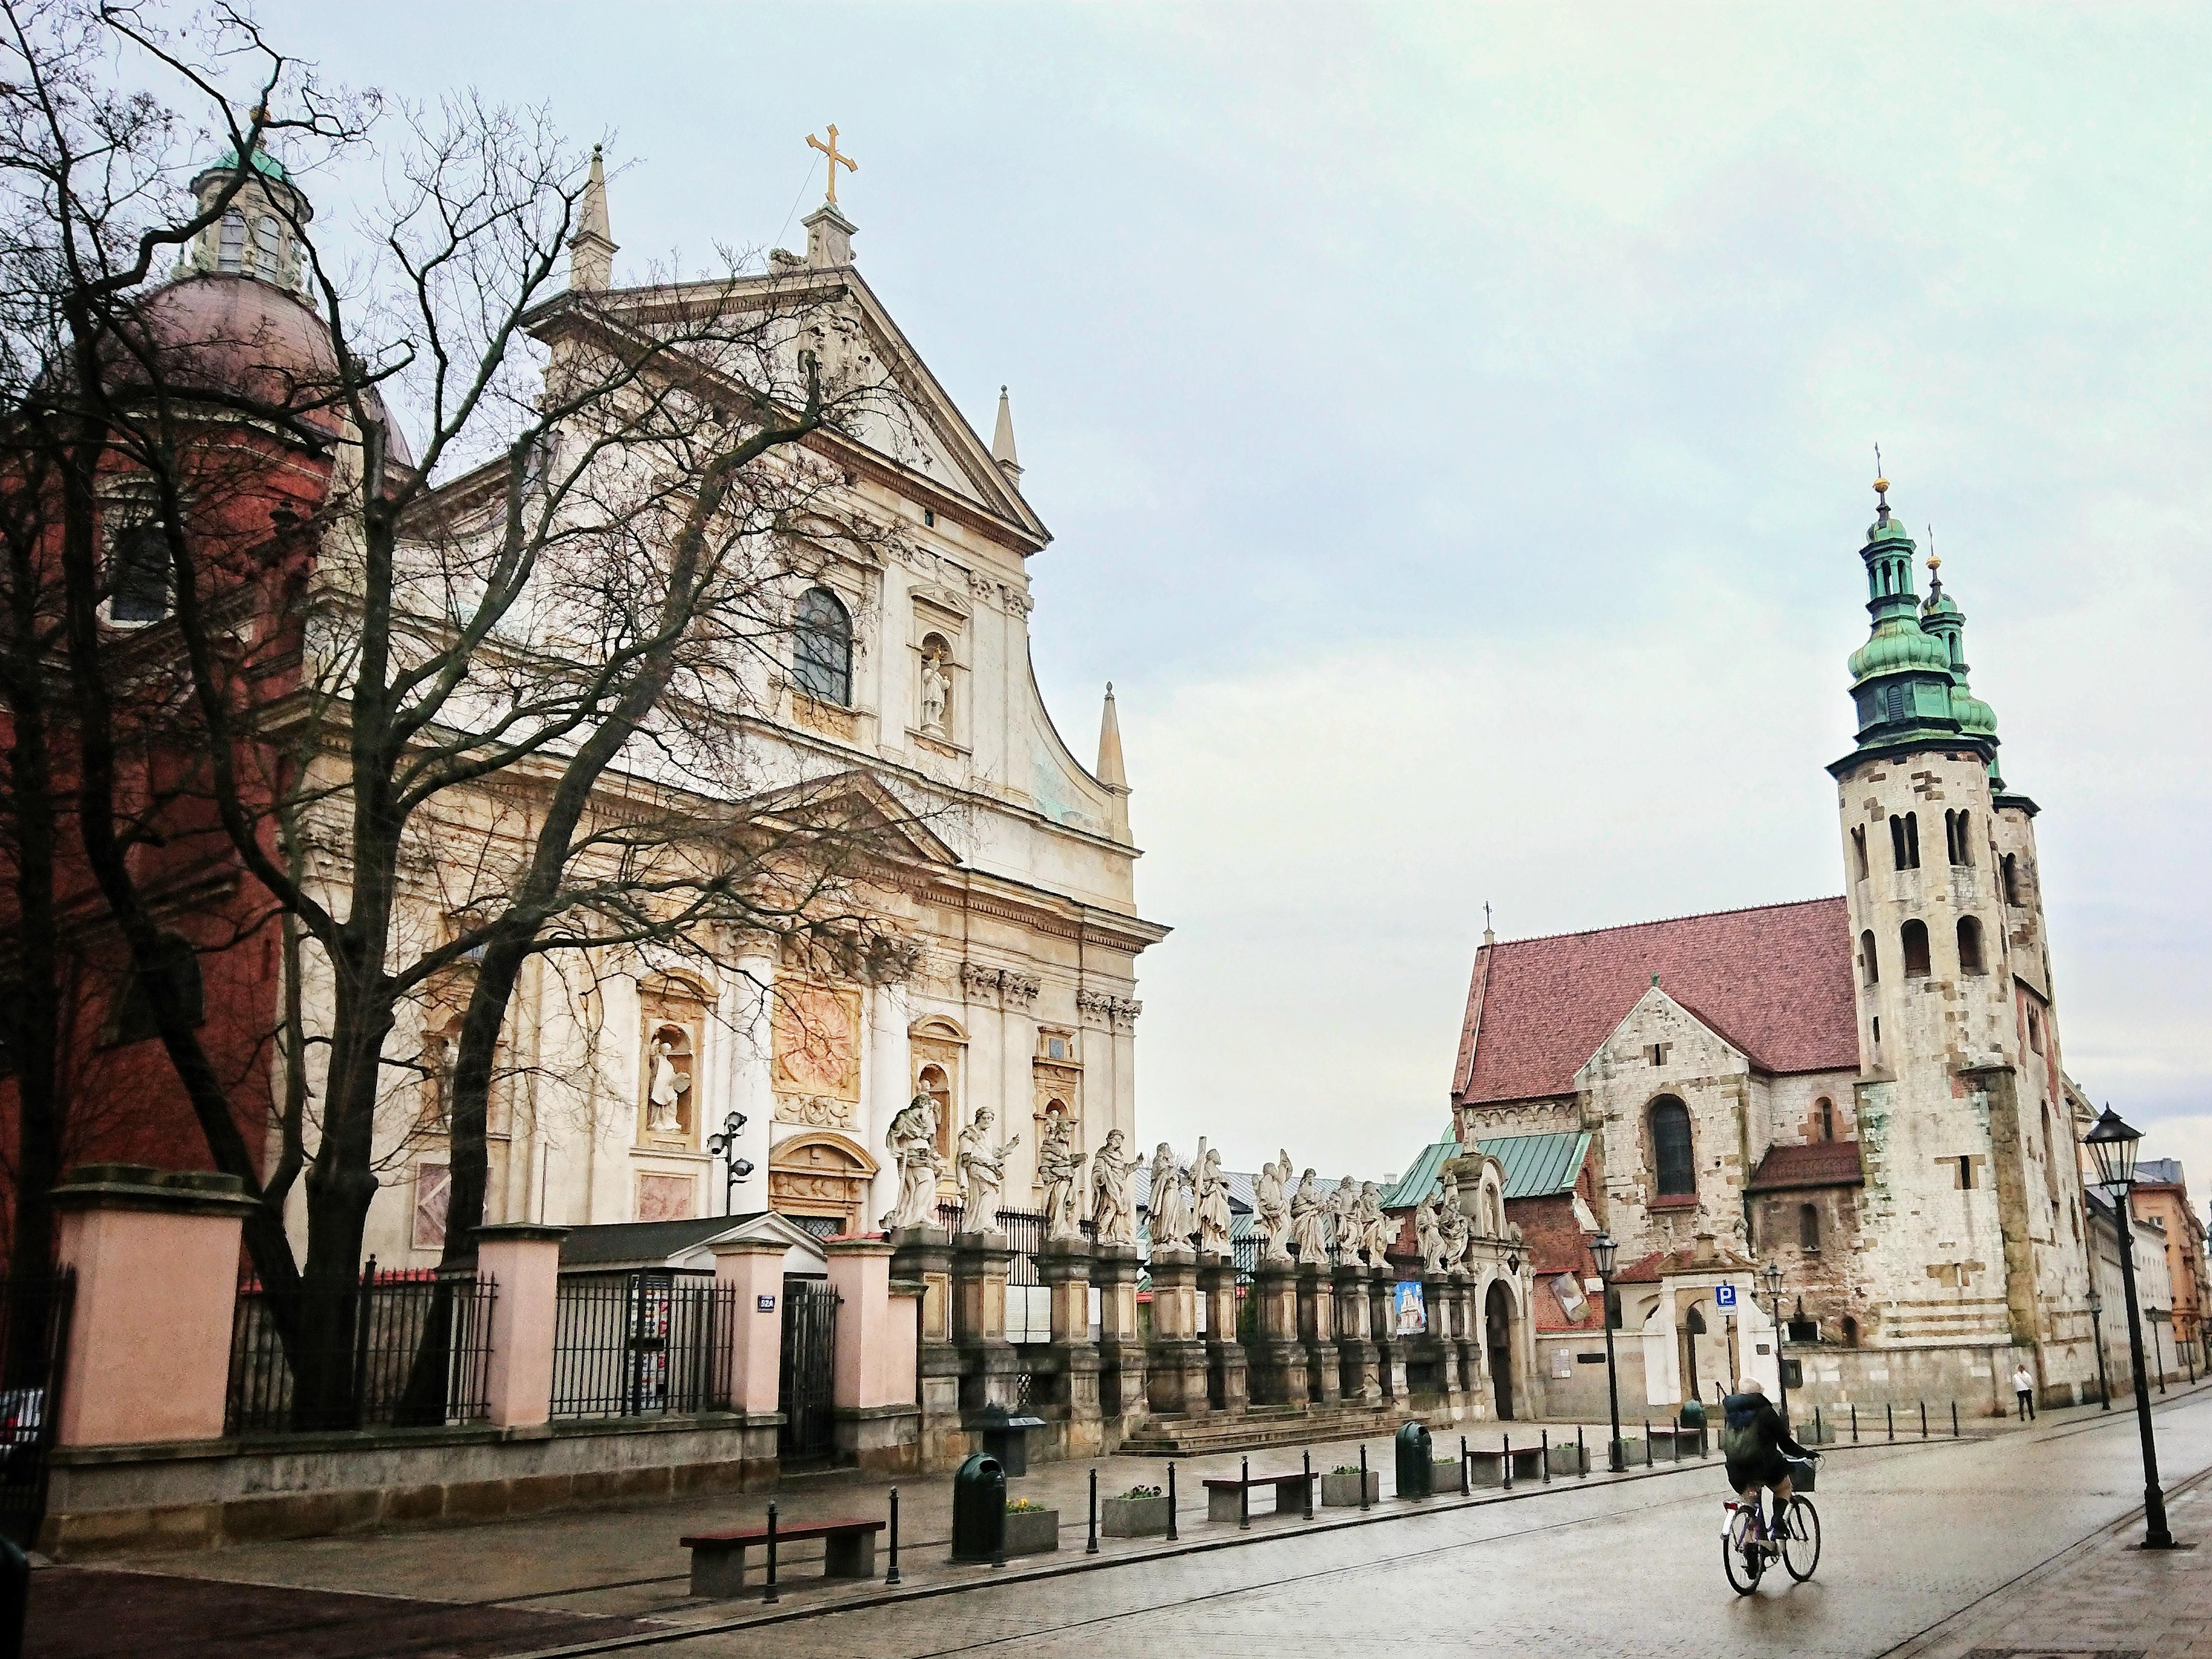 Ulica Grodzka w Krakowie, 2020 rok, źródło: archiwum autorki